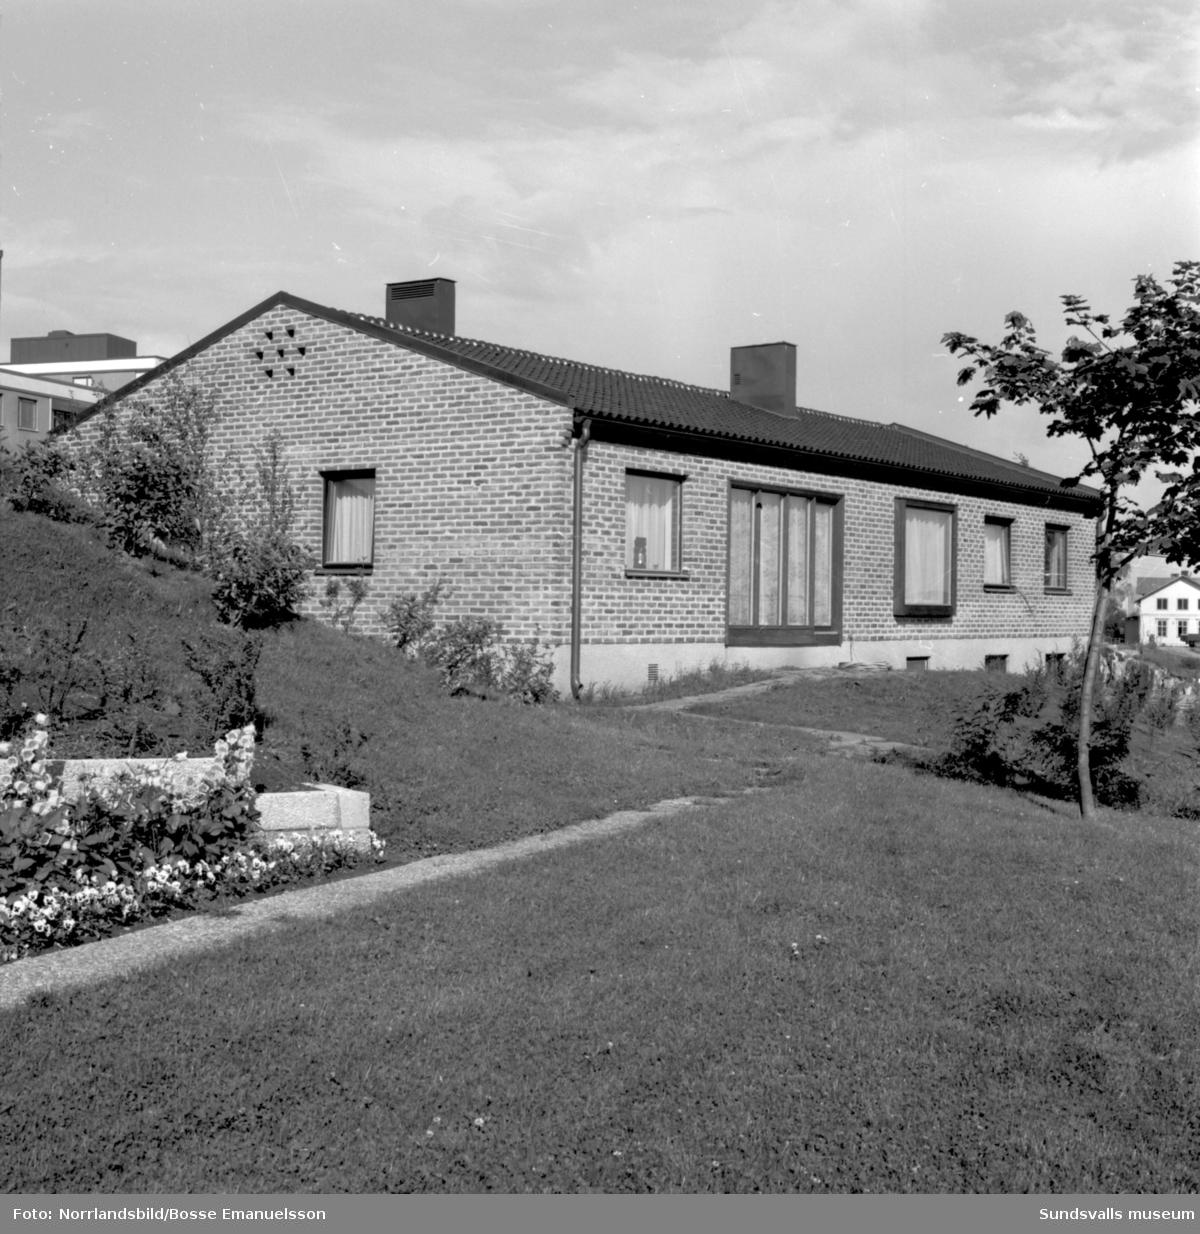 Villa på Basgränd 8, kvarteret Solhöjden i Skönsberg.